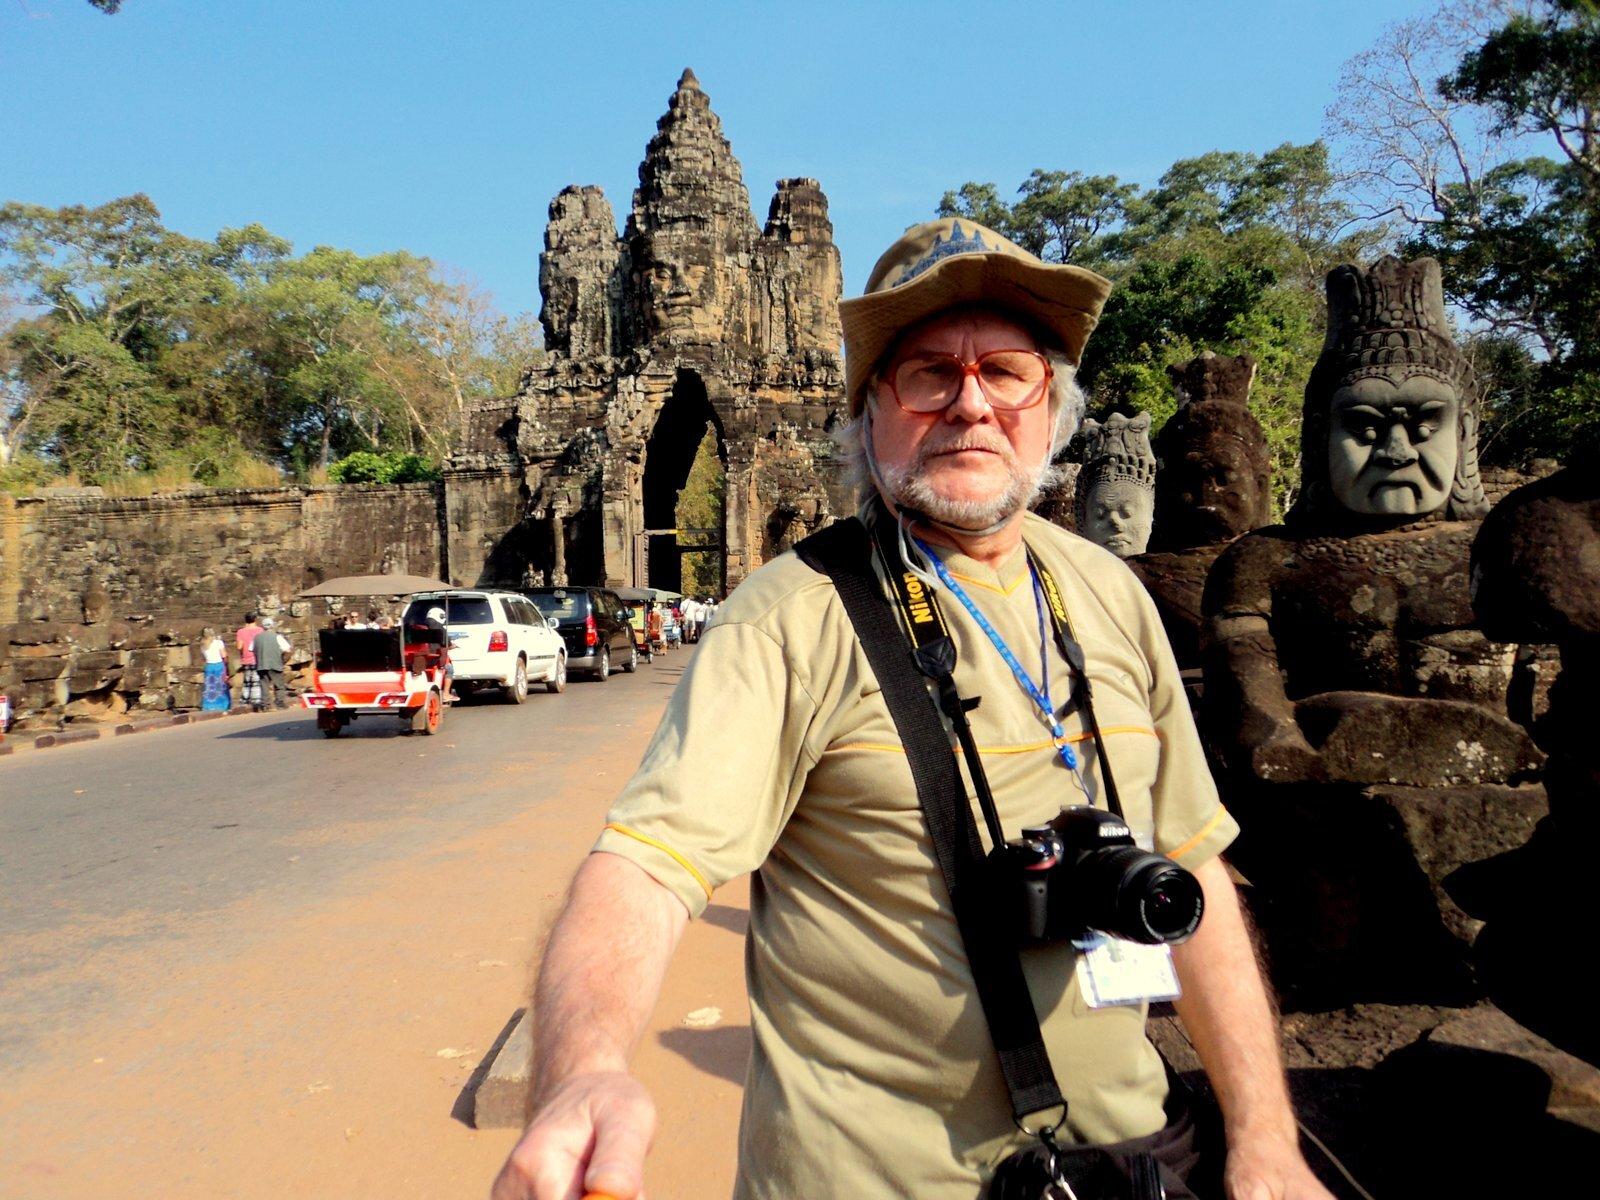 КАМБОДЖА, Ангкор-Тхом (Великая столица): Южные Ворота, Храмовый комплекс Байон, Храм-гора Бапуон